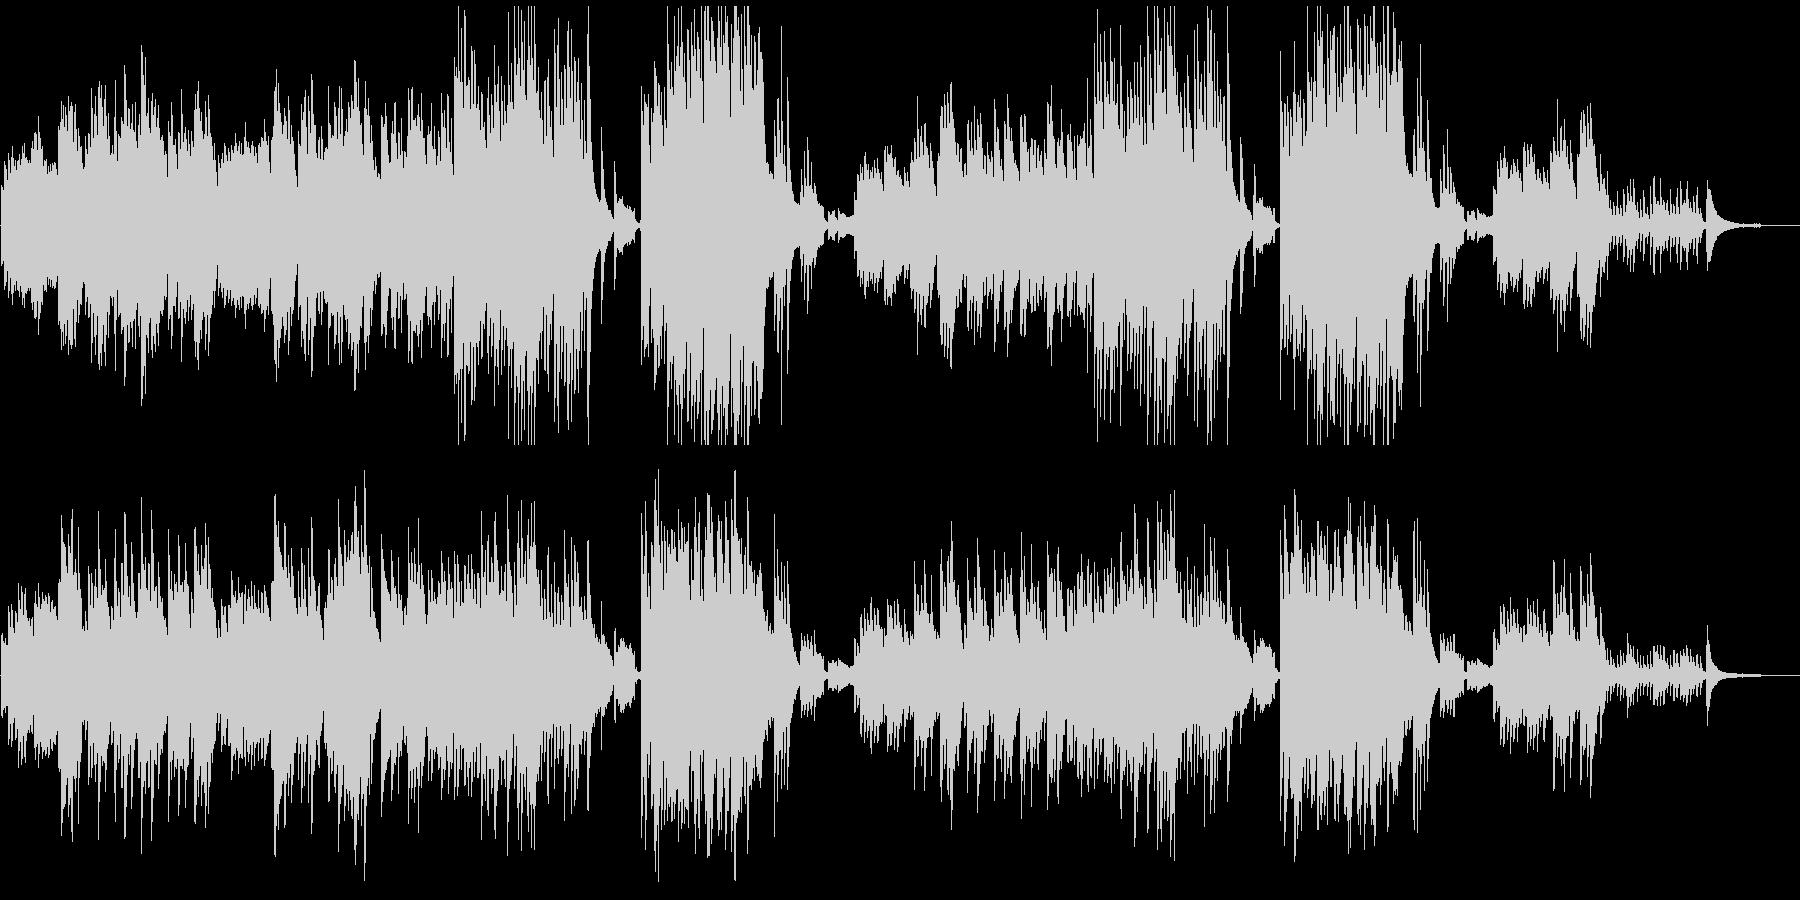 感動映像のためのピアノとオーボエの未再生の波形